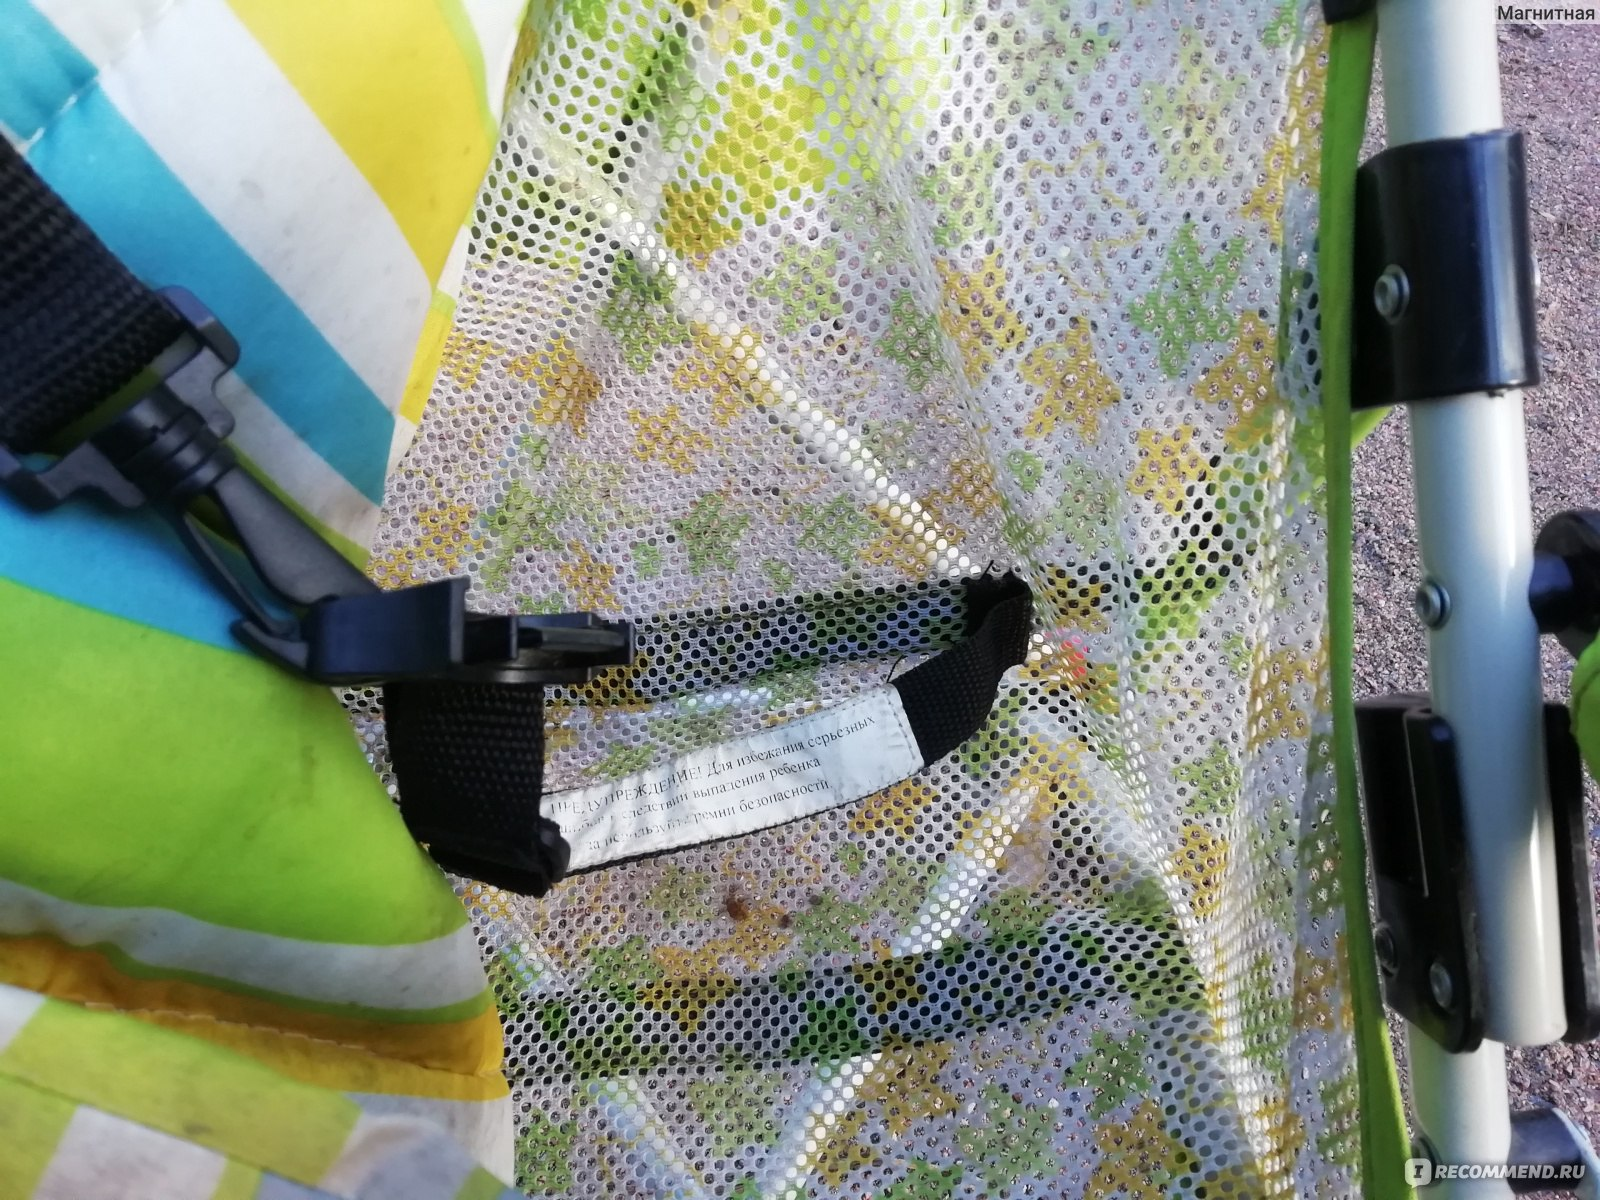 Коляска-трость Babyton Light Green - купить в интернет магазине ... | 1200x1600